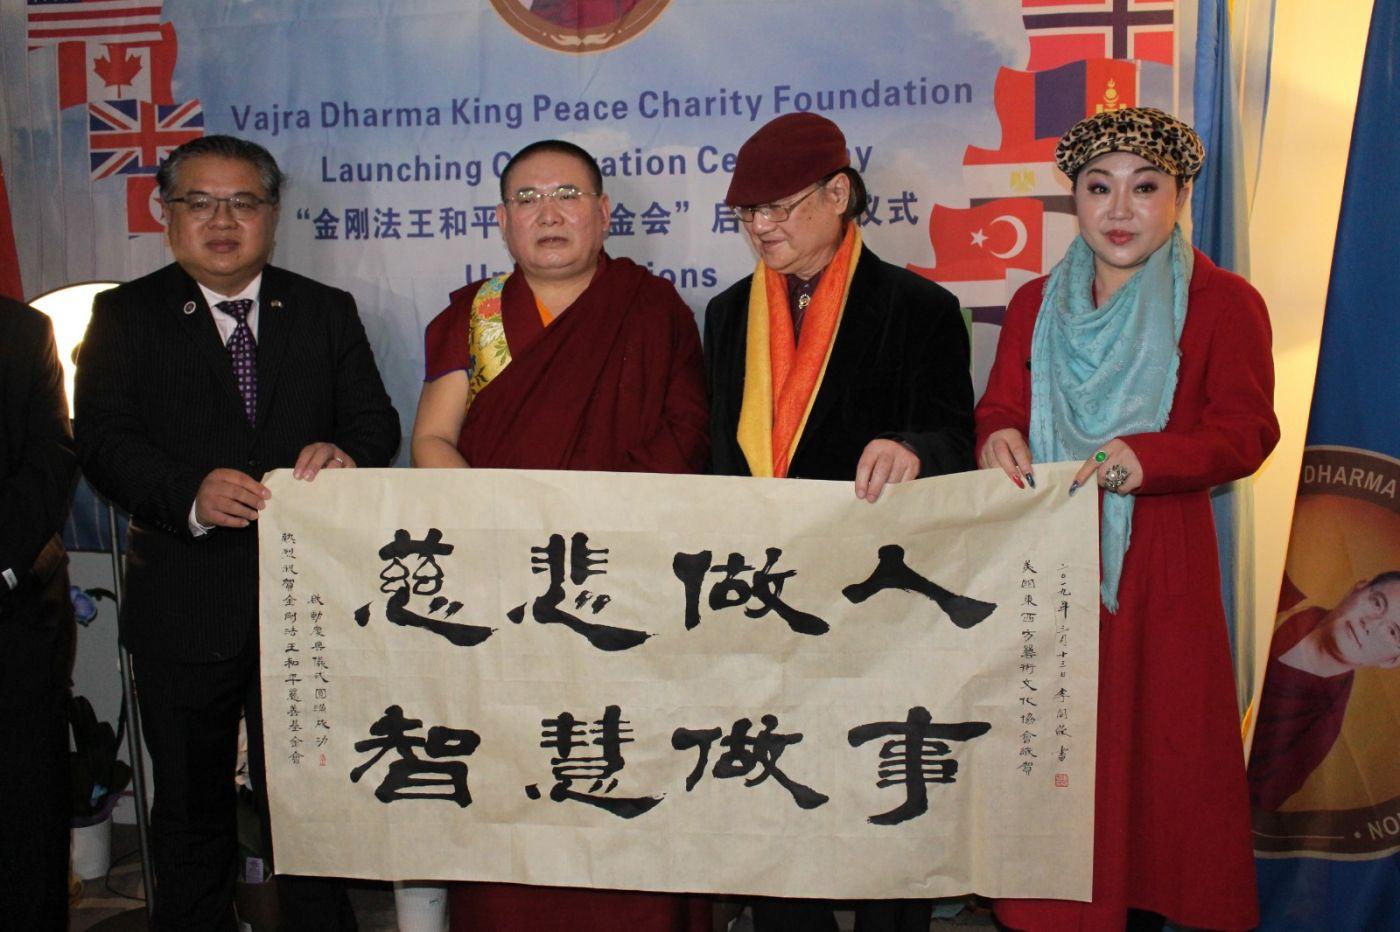 """""""金刚法王和平慈善基金会""""启动庆典仪式在联合国一号举行 ..._图1-12"""